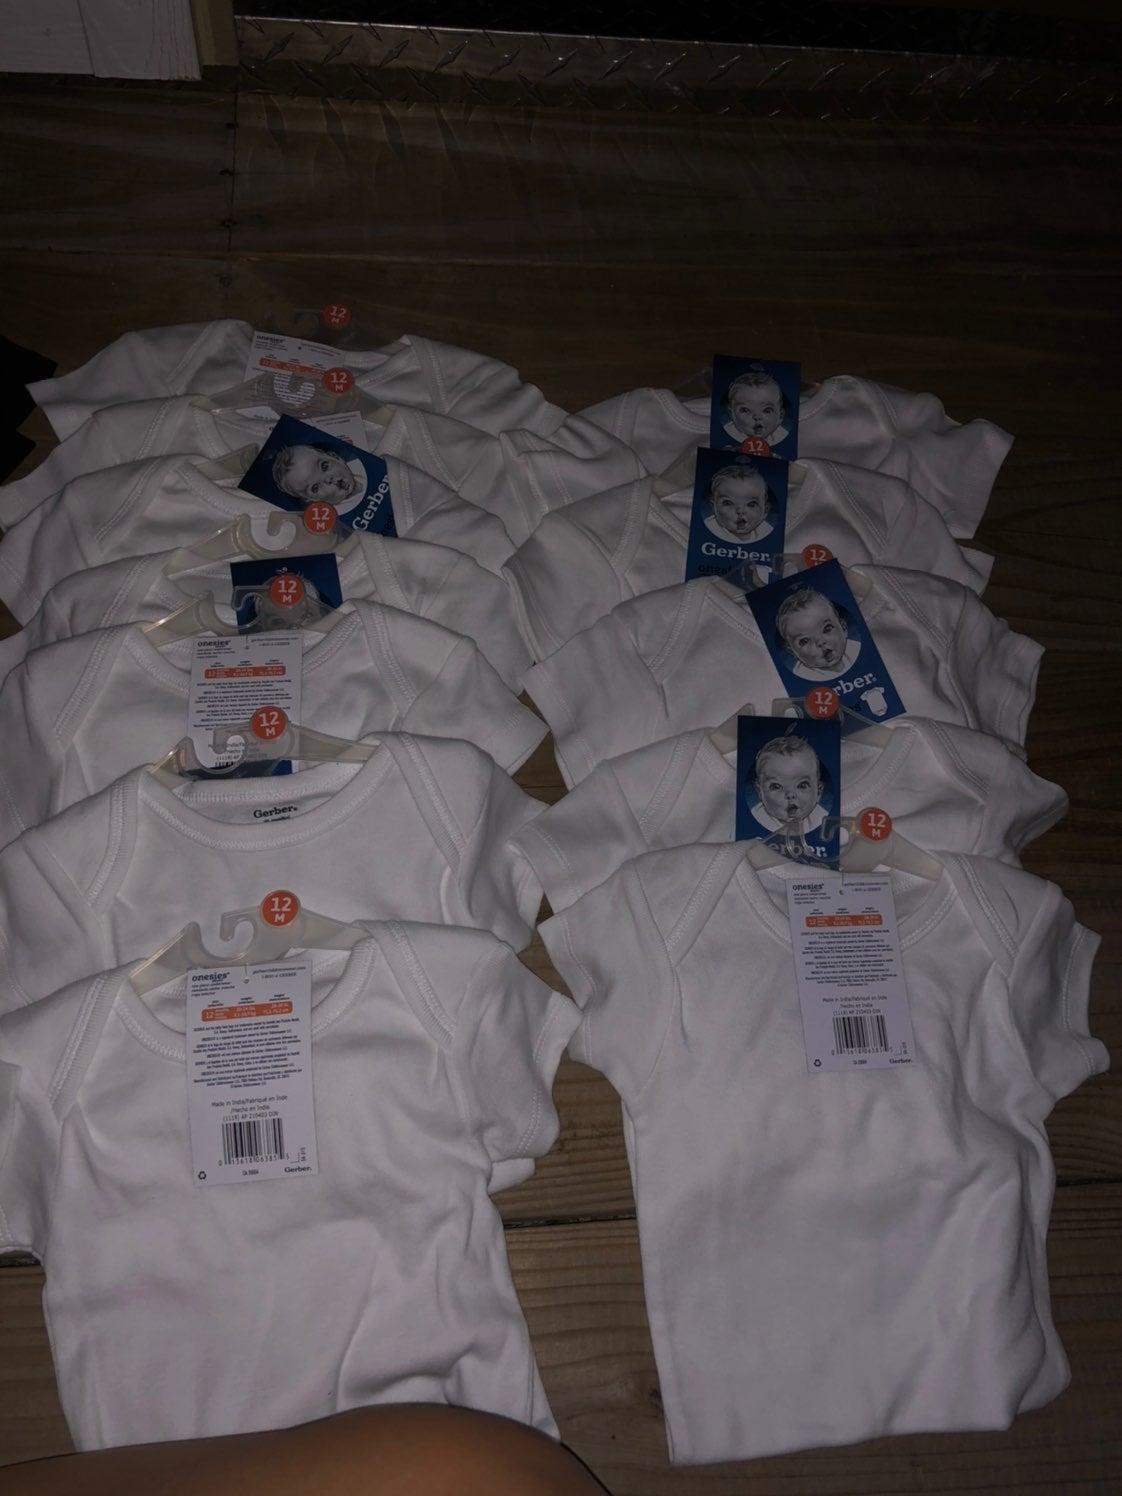 Reserved Bundle of gerber onesies